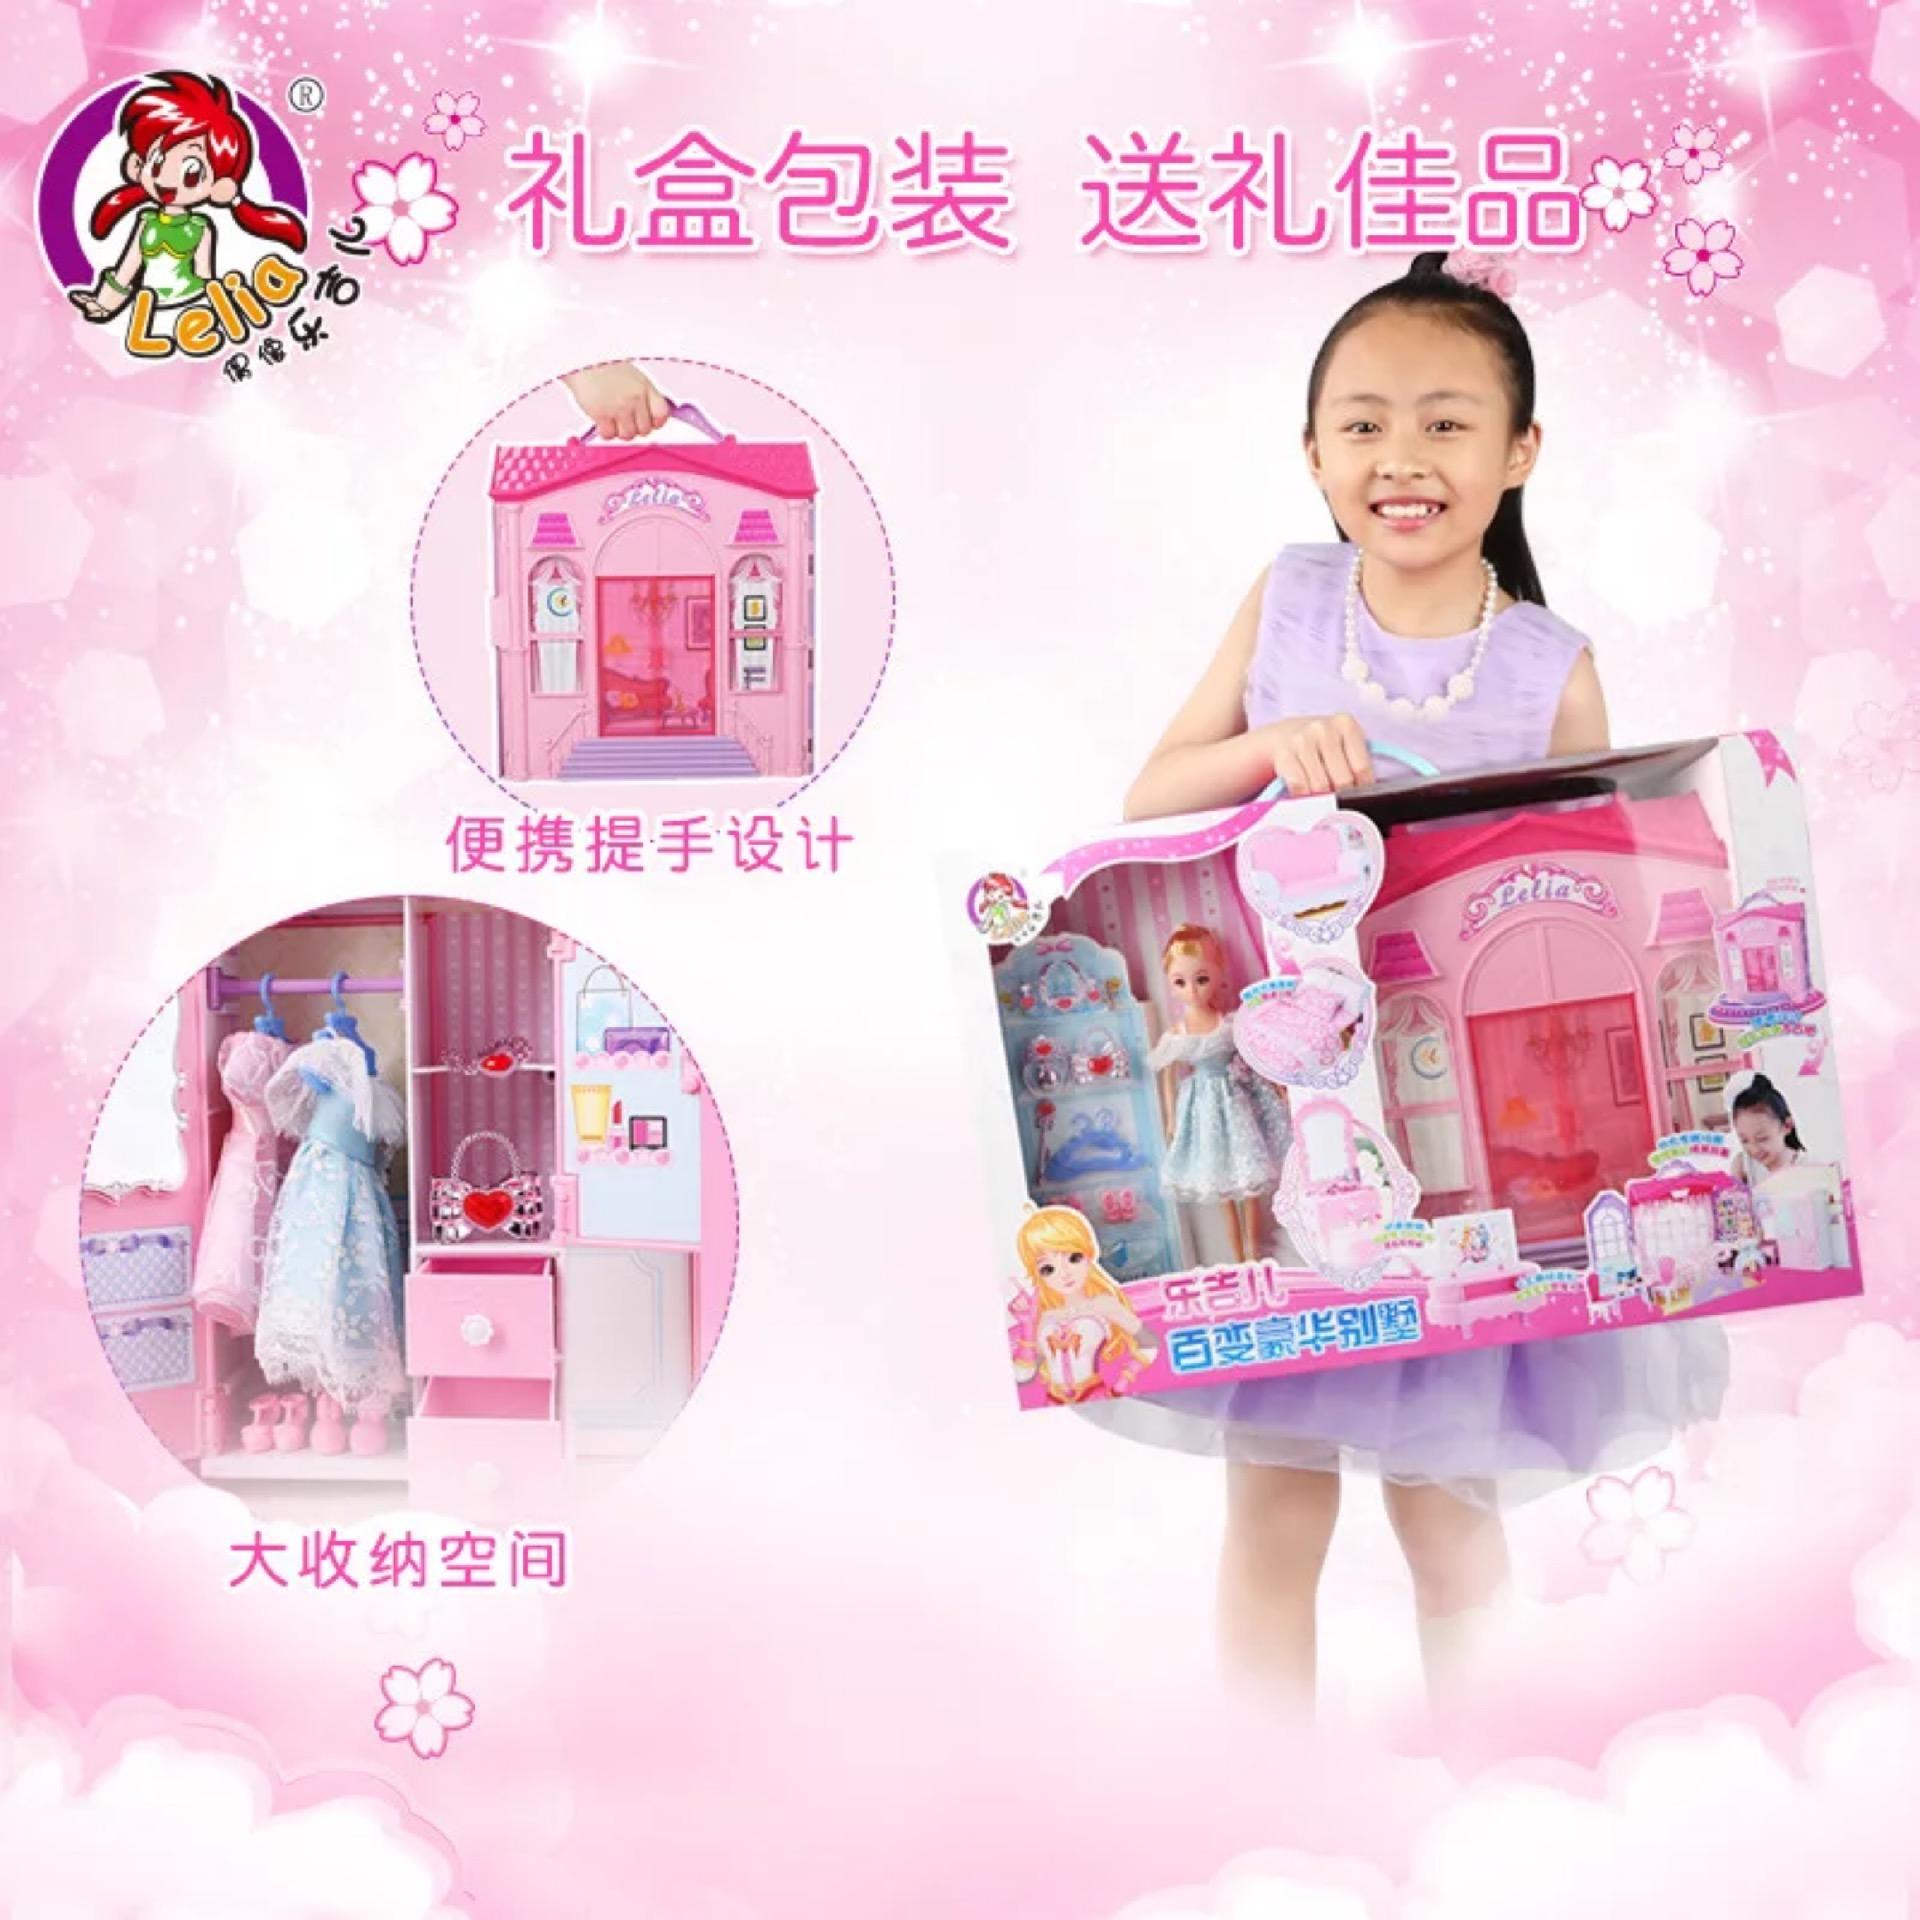 乐吉儿百变豪华别墅套装大礼盒公主洋娃娃女孩过家家换装玩具A060